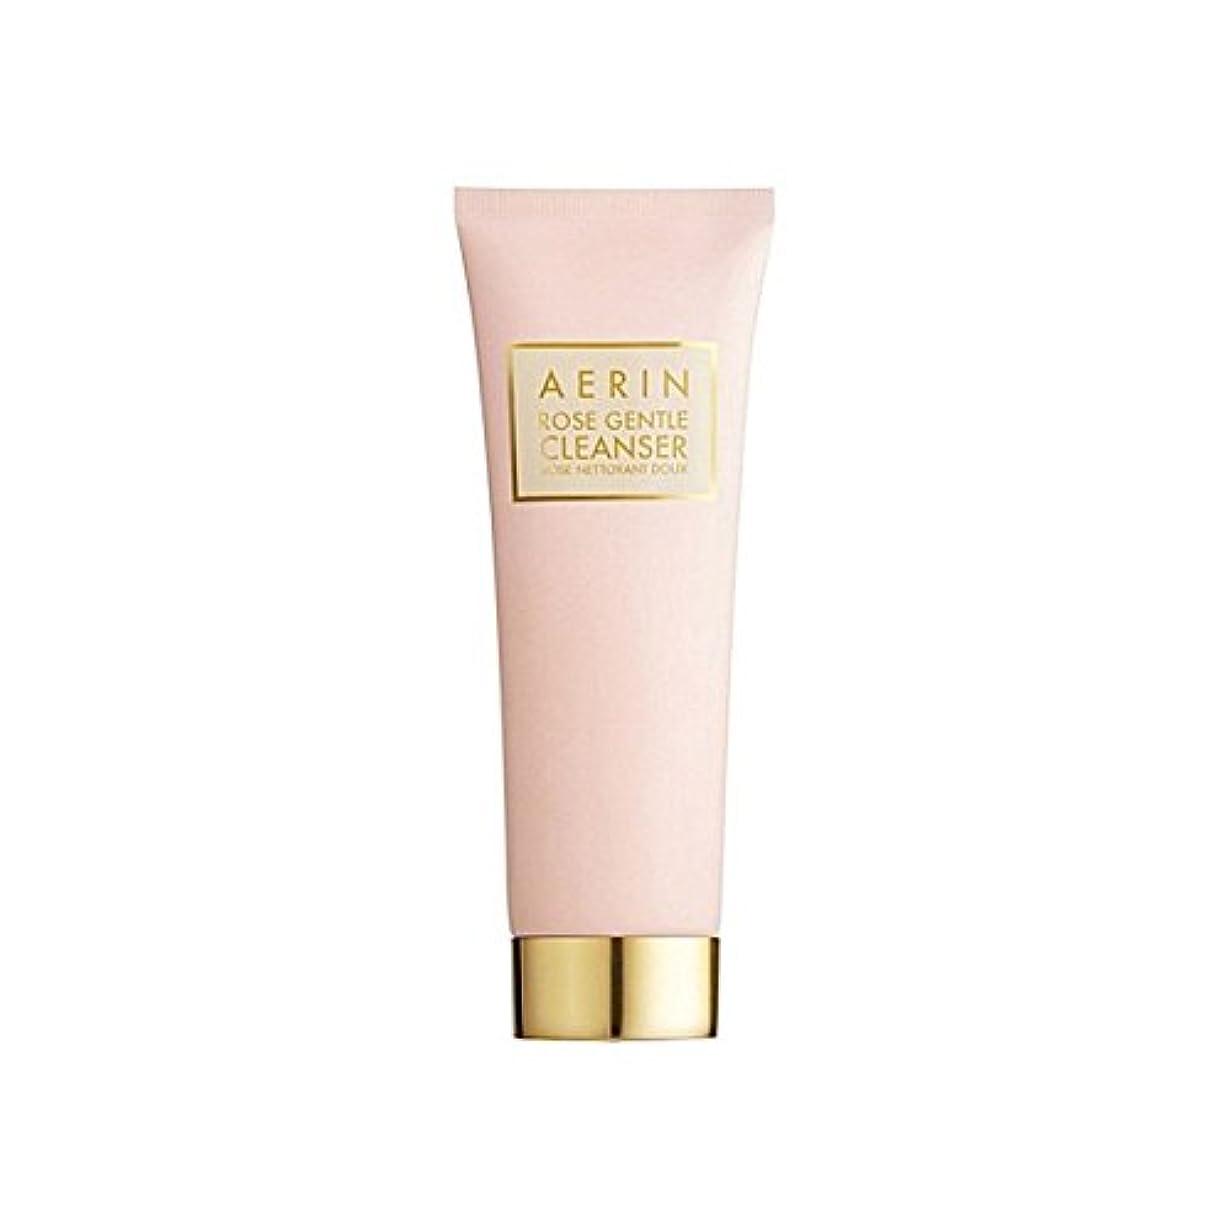 不純娯楽落ち着いたAerin Rose Gentle Cleanser 125ml - はジェントルクレンザーの125ミリリットルをバラ [並行輸入品]